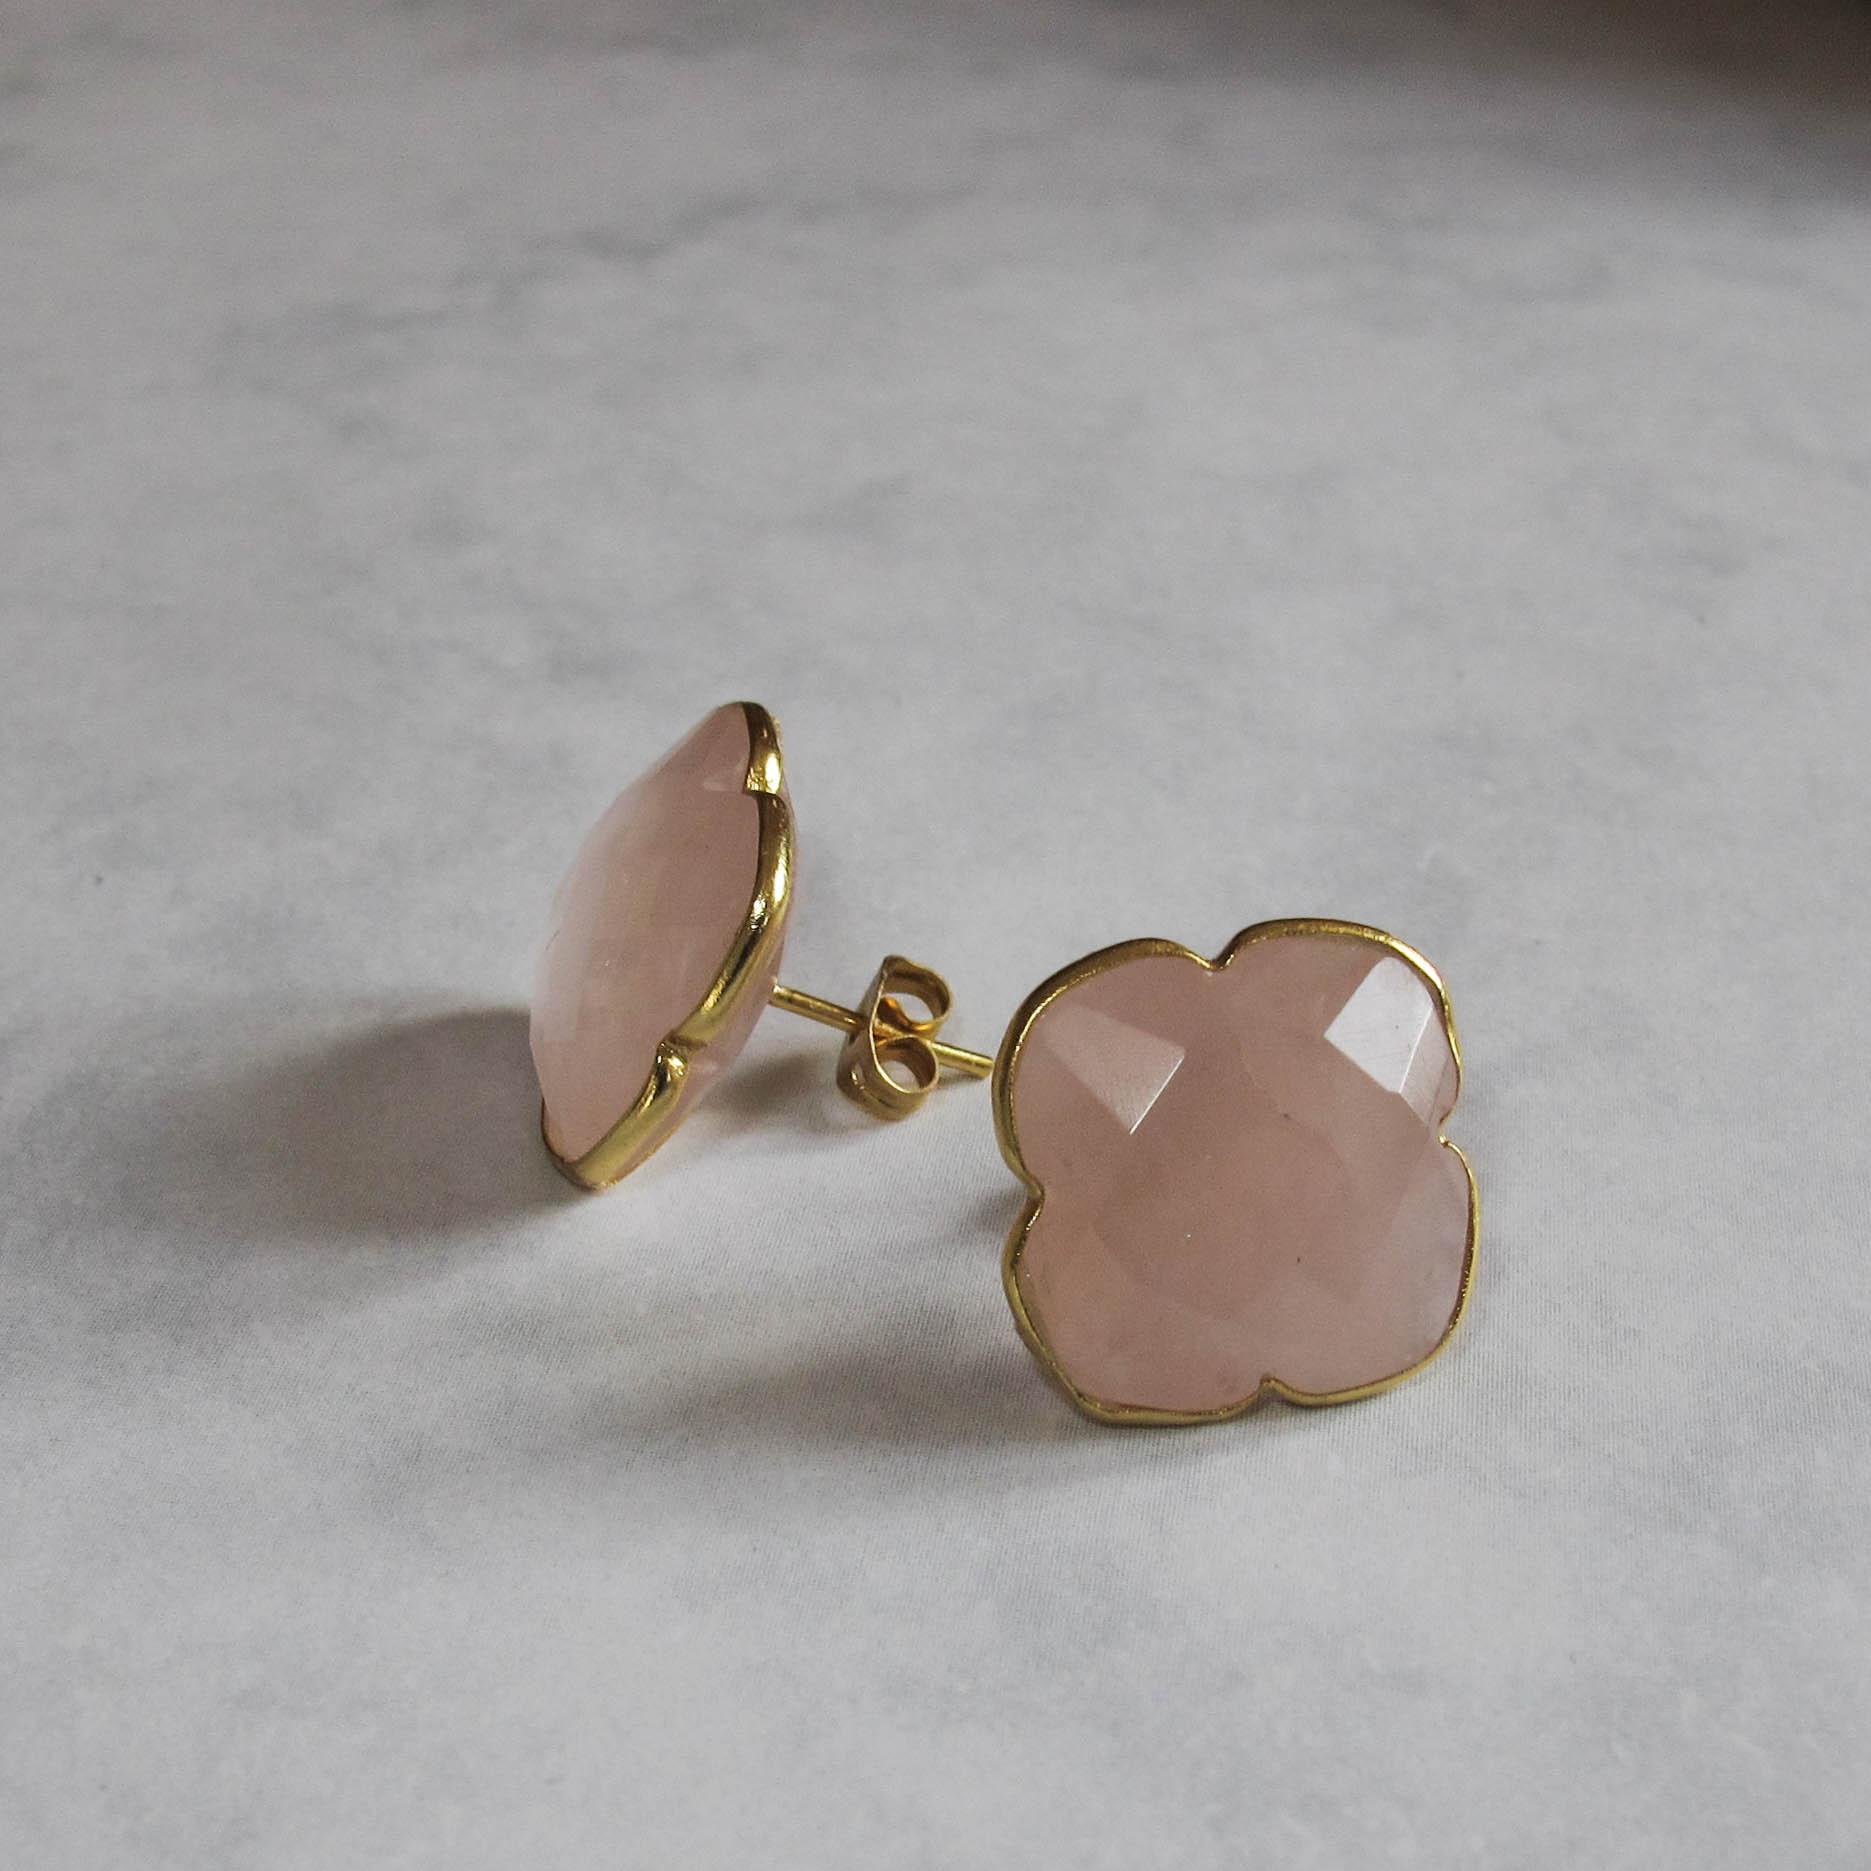 rose quartz earrings, statement earrings, chunky earrings, designer earrings, stud earrings, pink earrings, pink studs, rose, ROSE QUARTZ AND GOLD EARRINGS